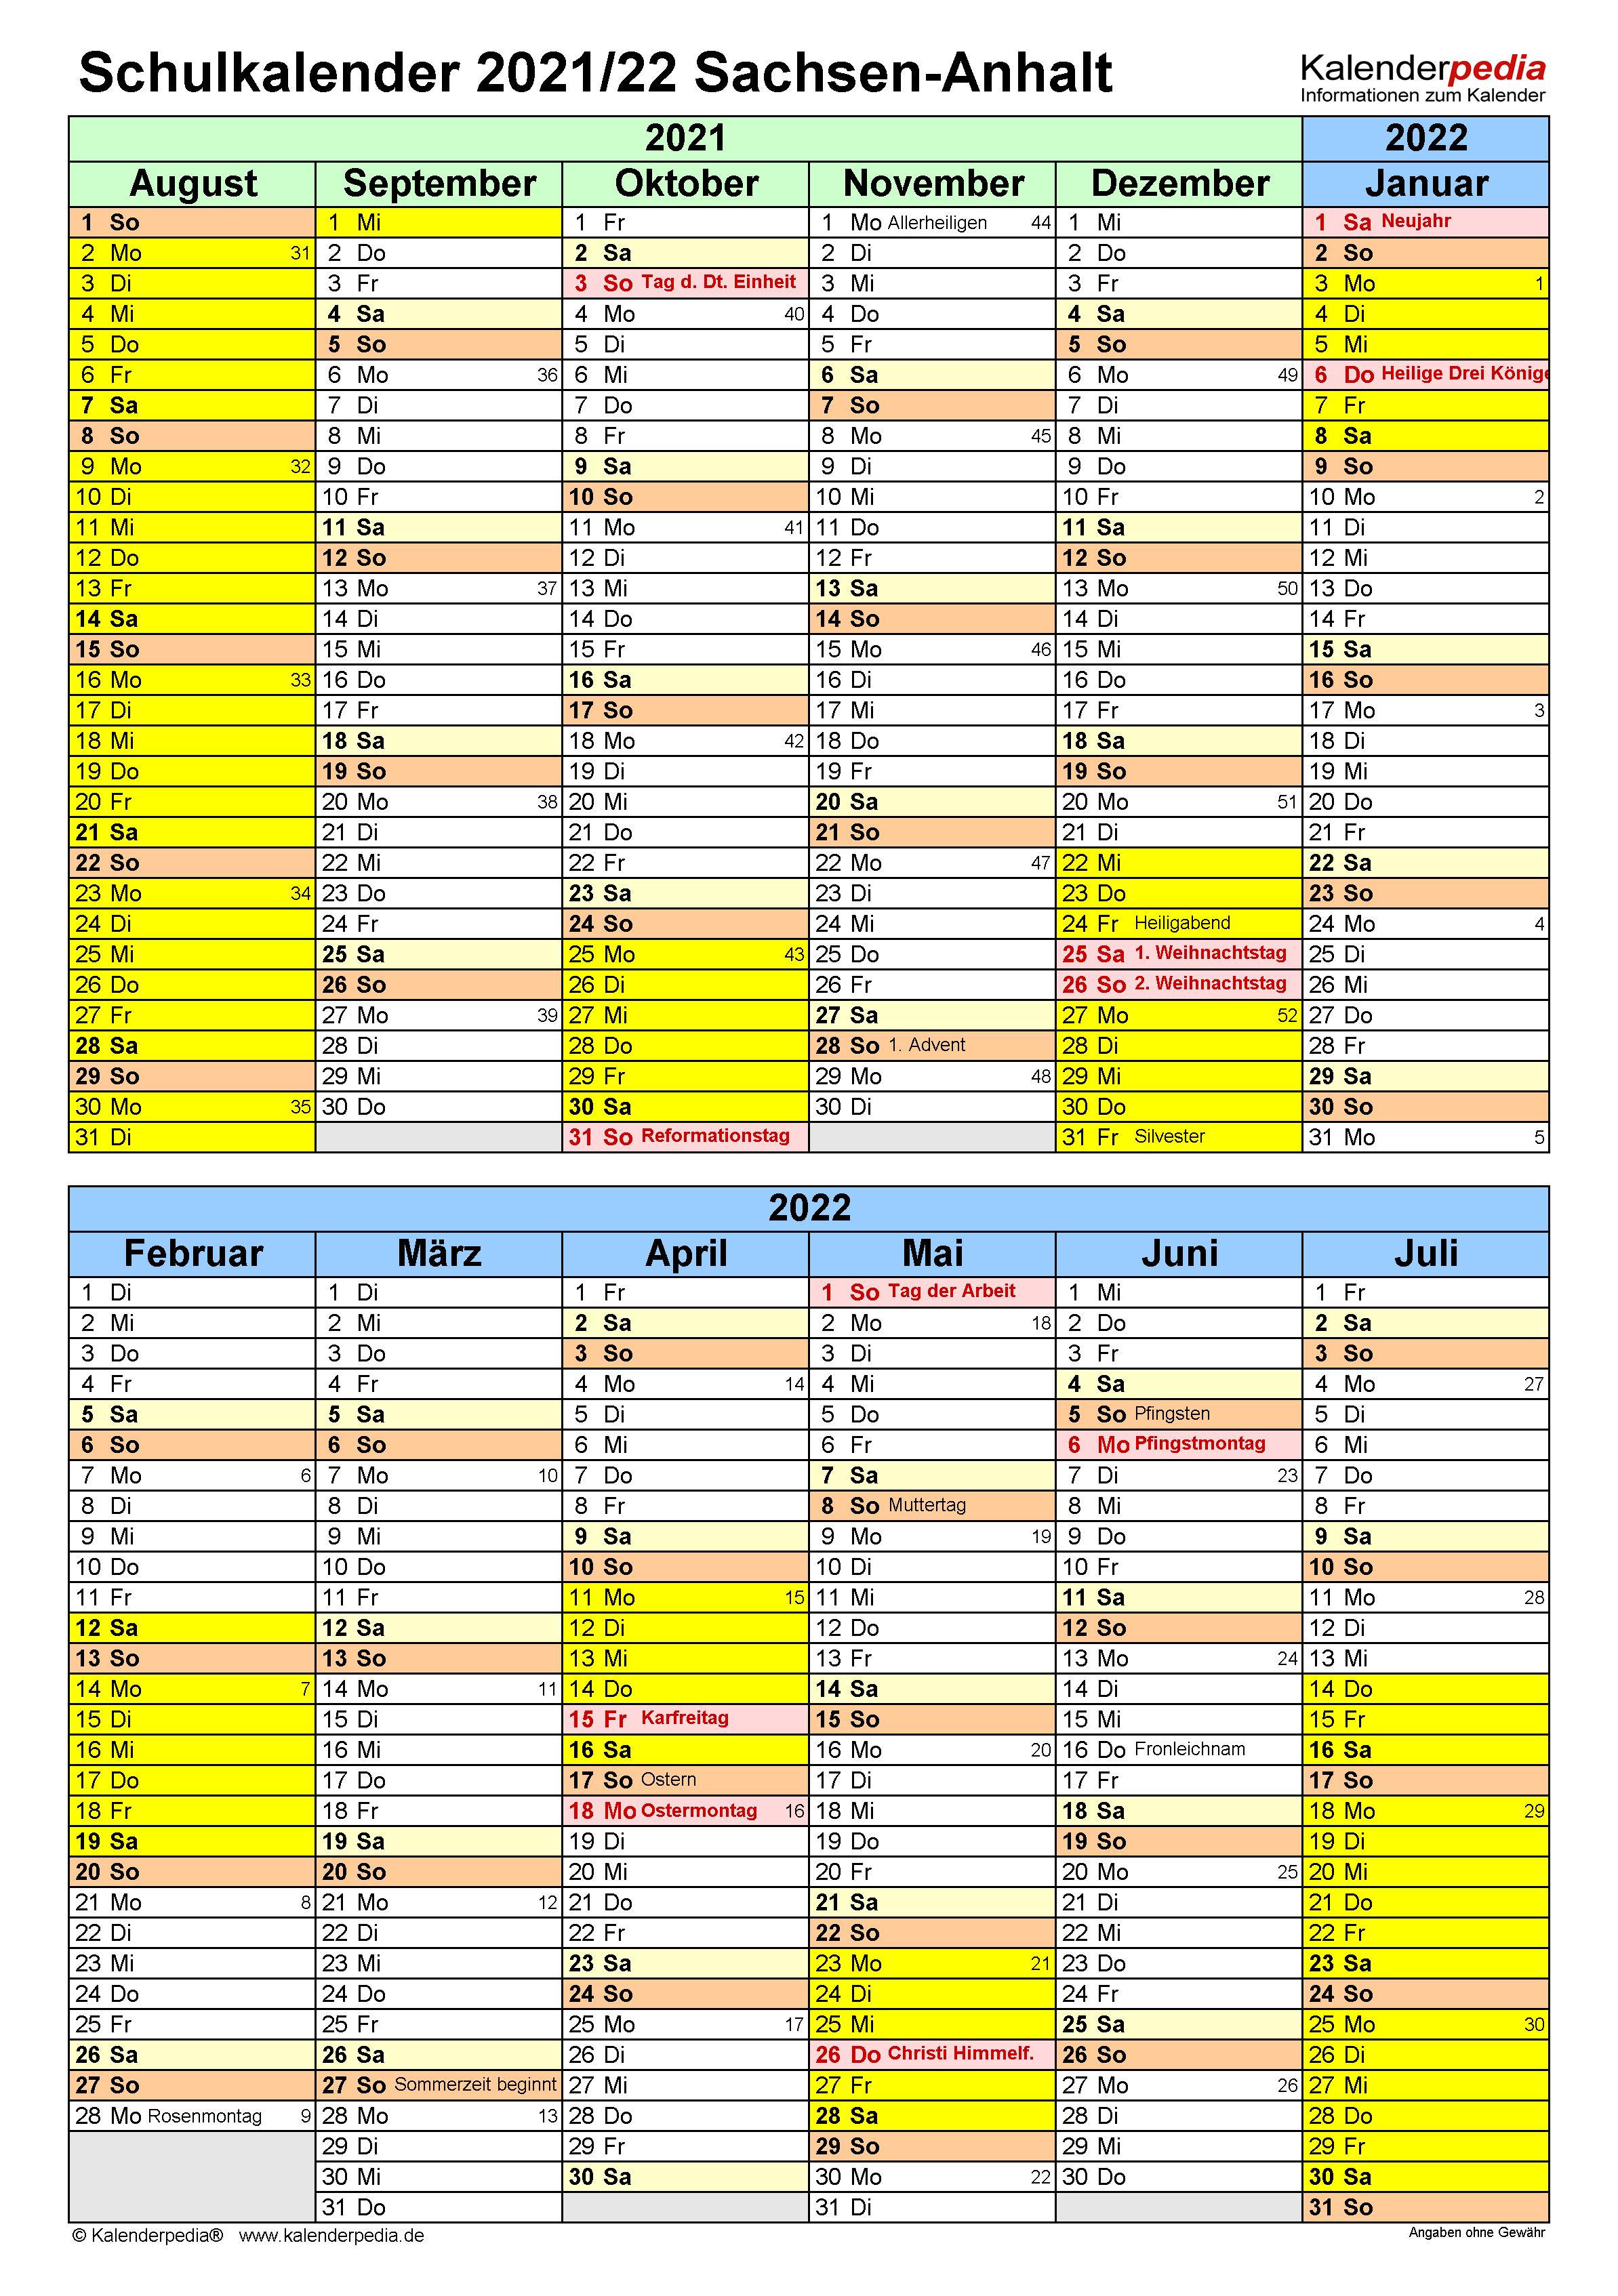 Schulkalender 2021/2022 Sachsen-Anhalt für Word